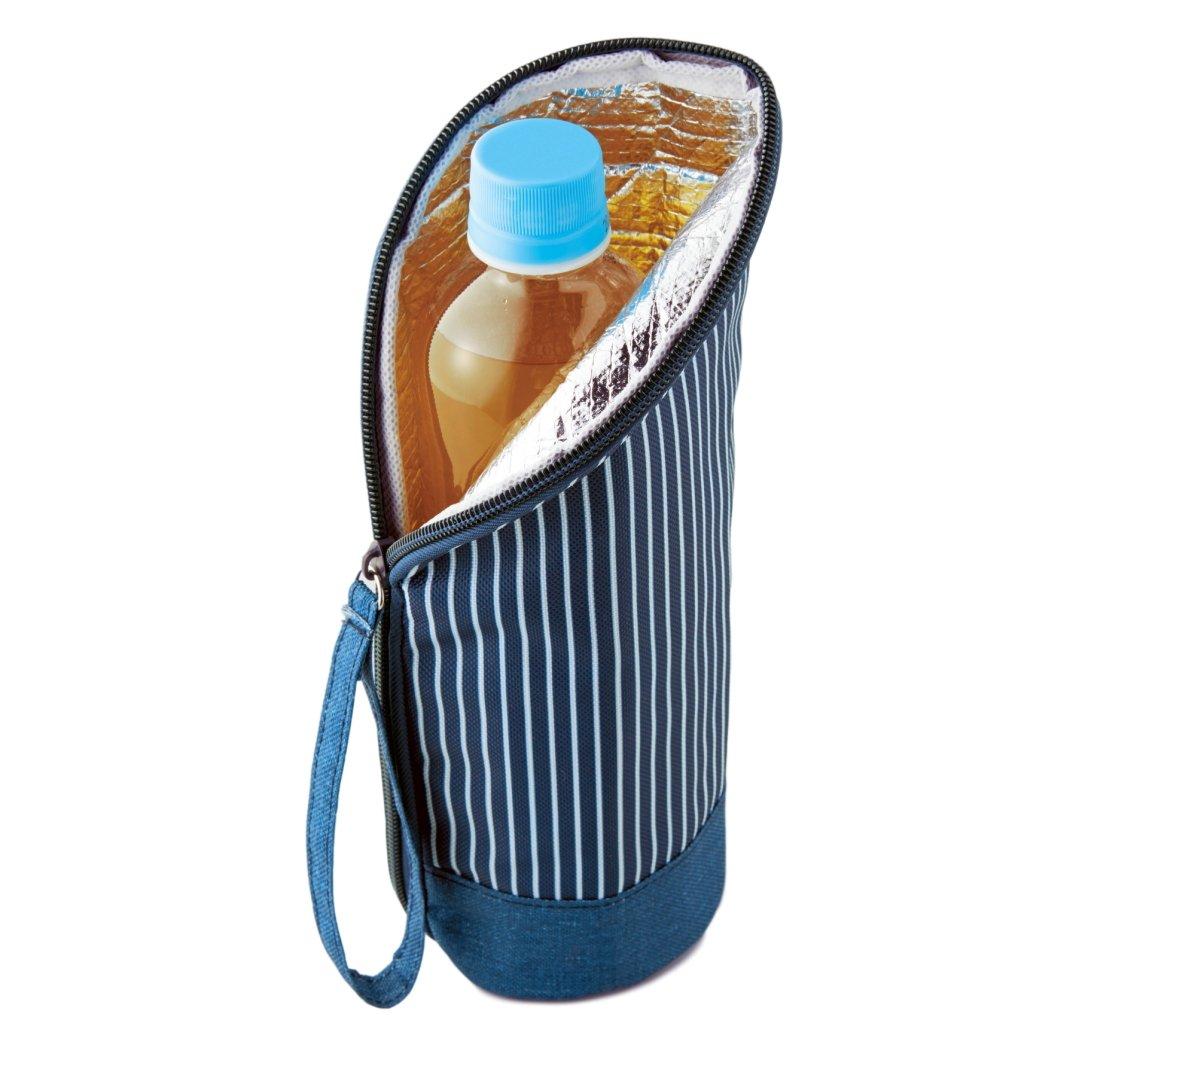 【水分補給におすすめ】ペットボトルホルダーの人気ランキング10選